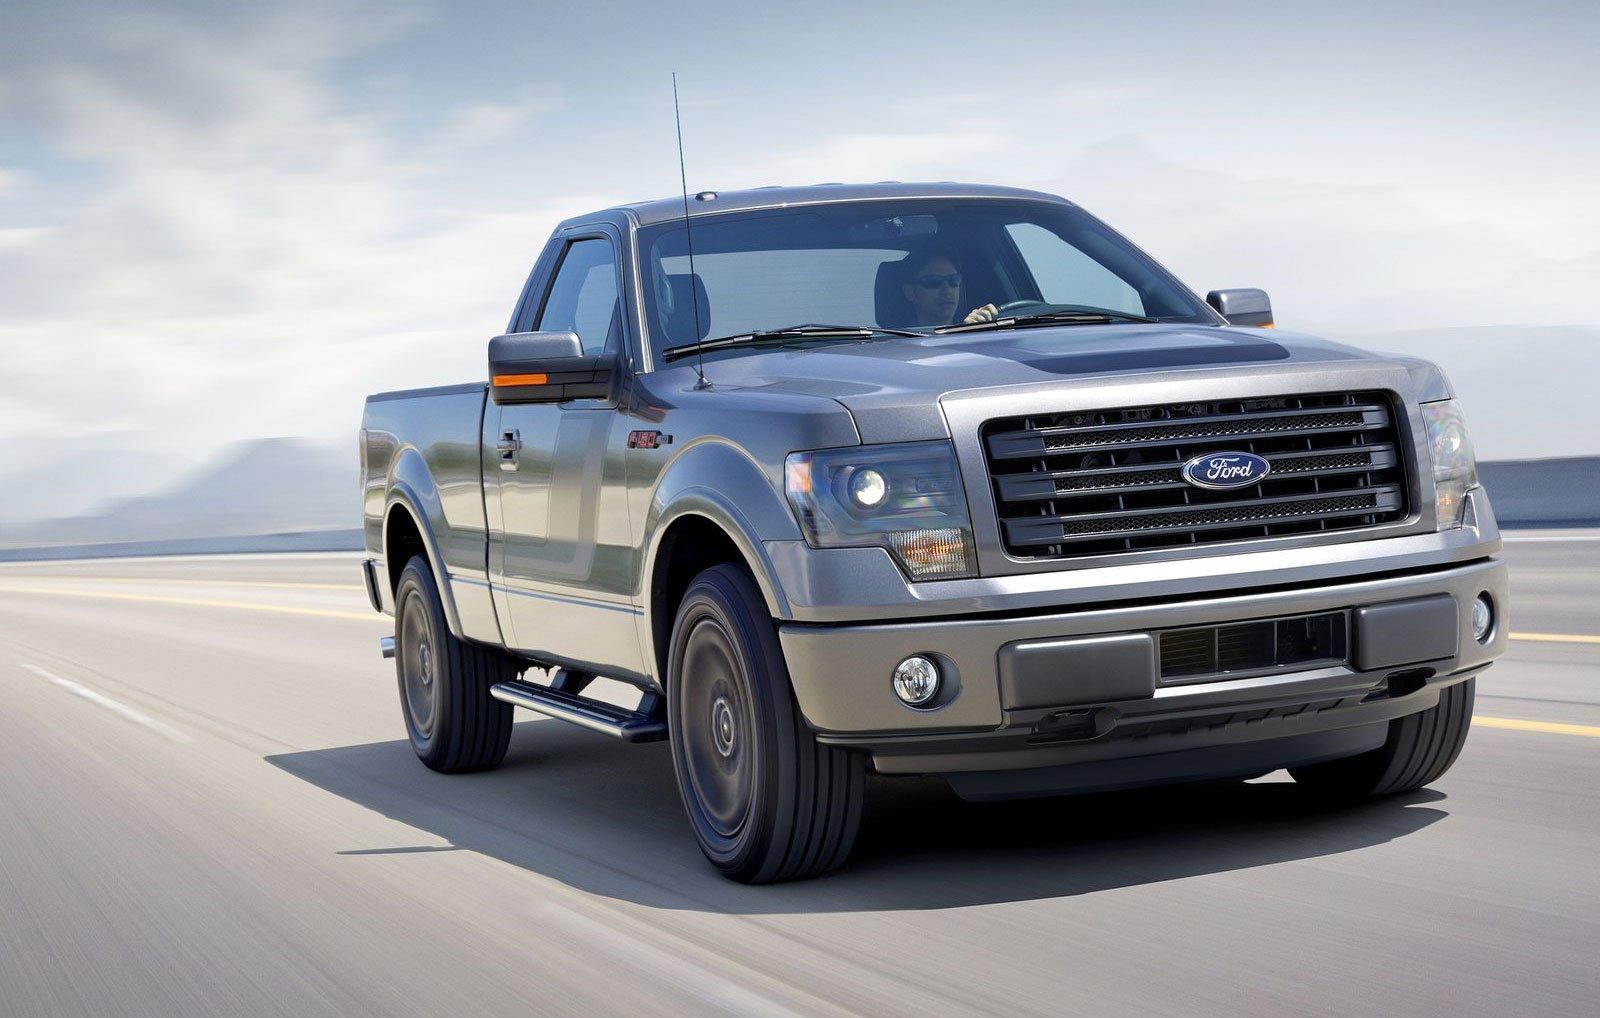 2014 Ford F 150 Tremor – Ecoboost V6 for V8 power Image